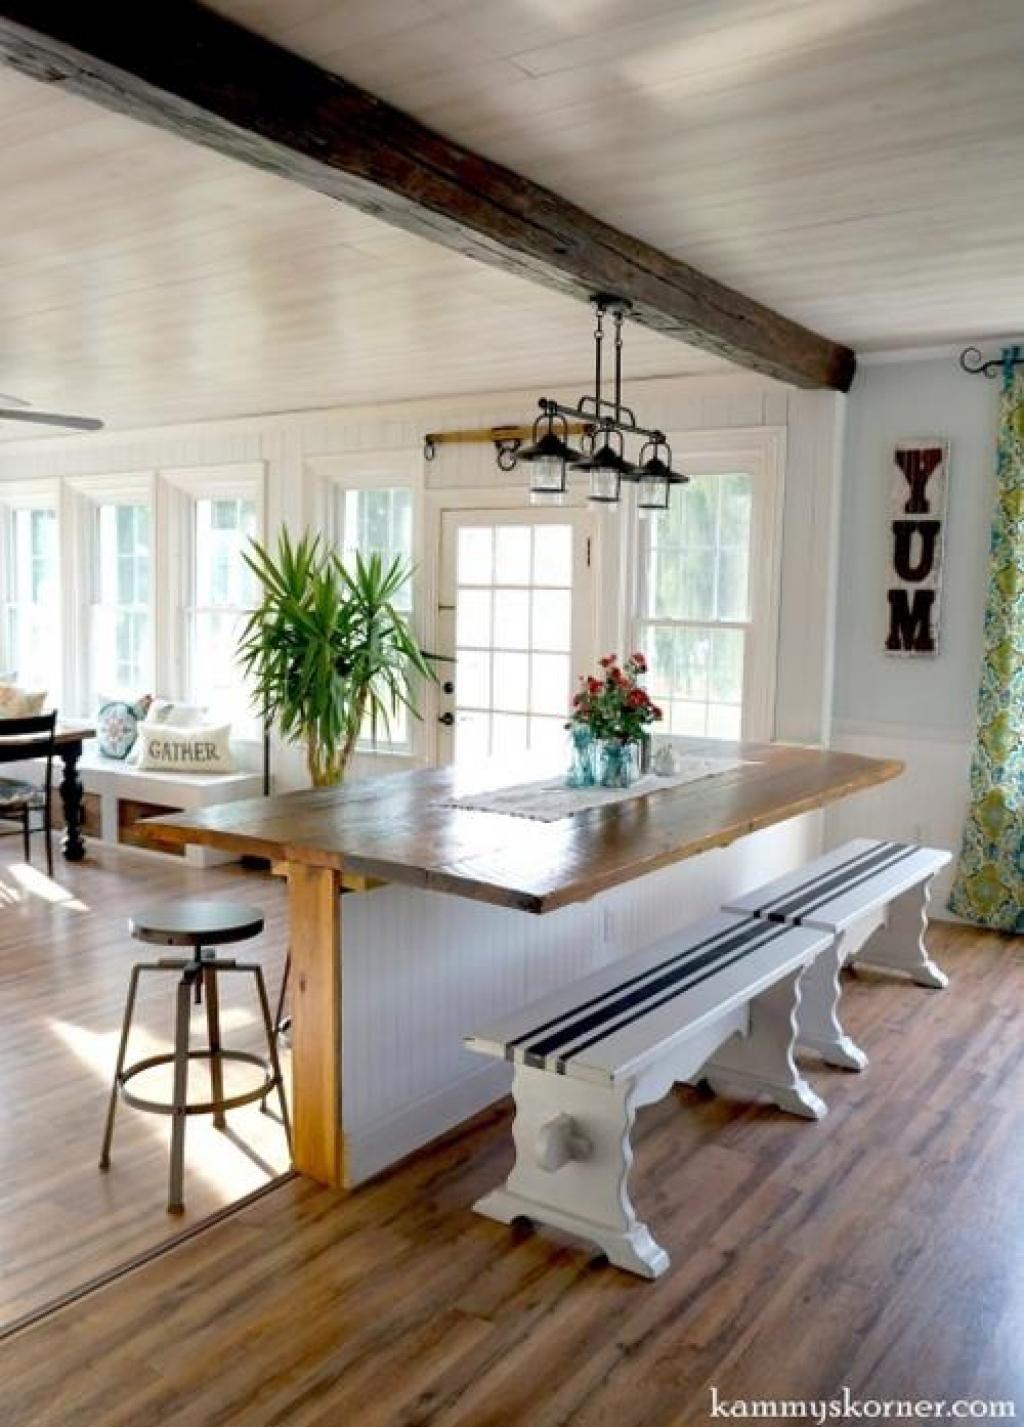 elle abat juste la moiti d 39 un mur et le remplace pour. Black Bedroom Furniture Sets. Home Design Ideas